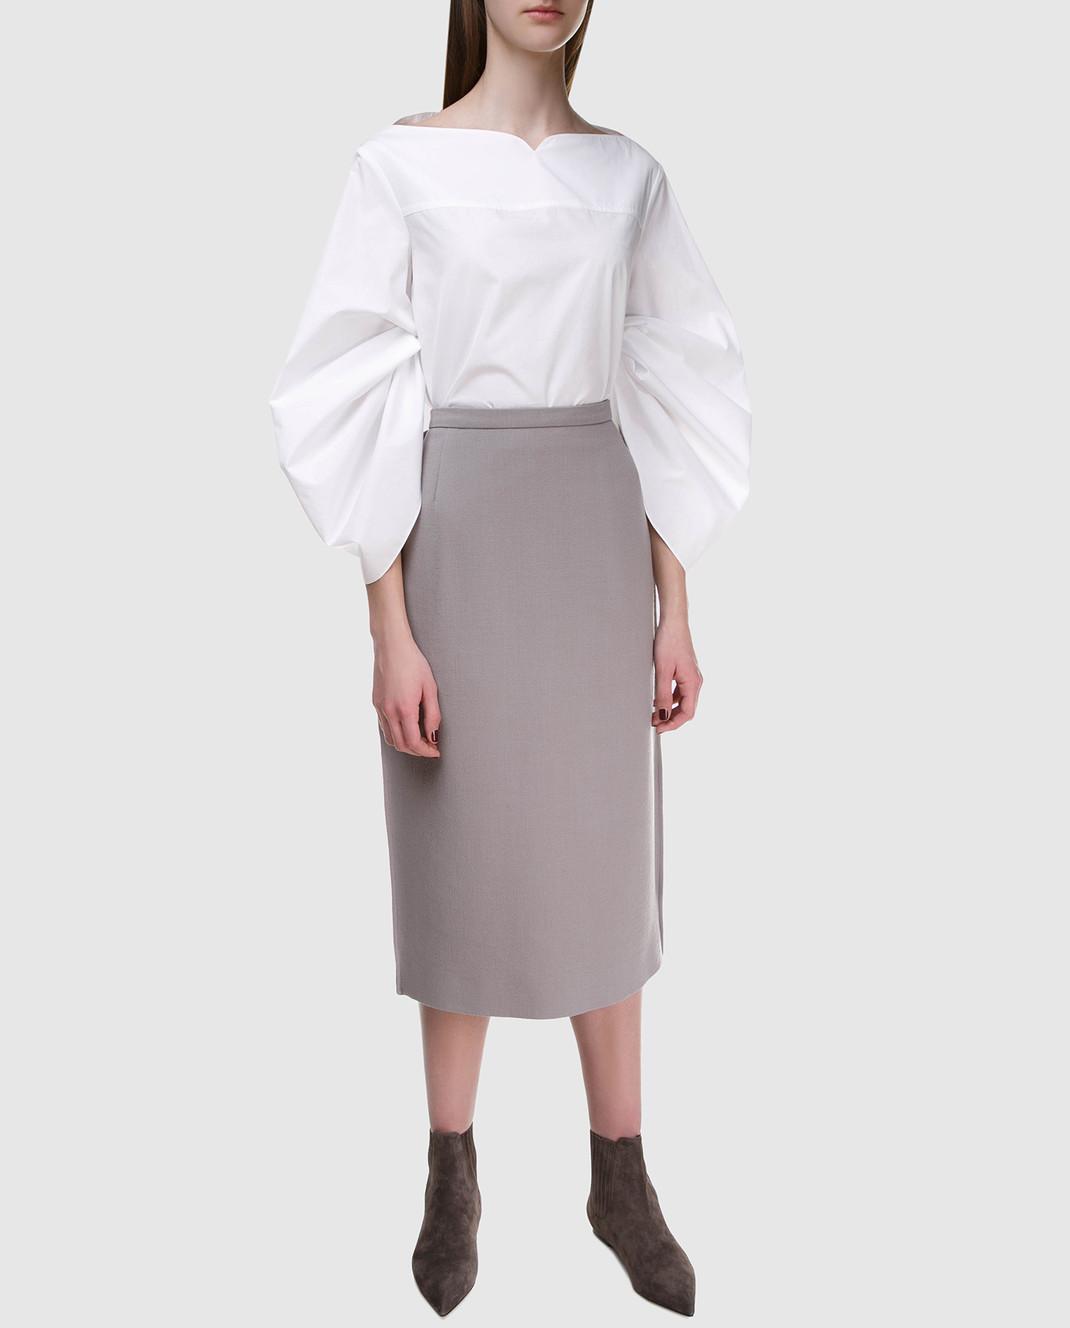 NINA RICCI Серая юбка 18PCJU005WV0230 изображение 2